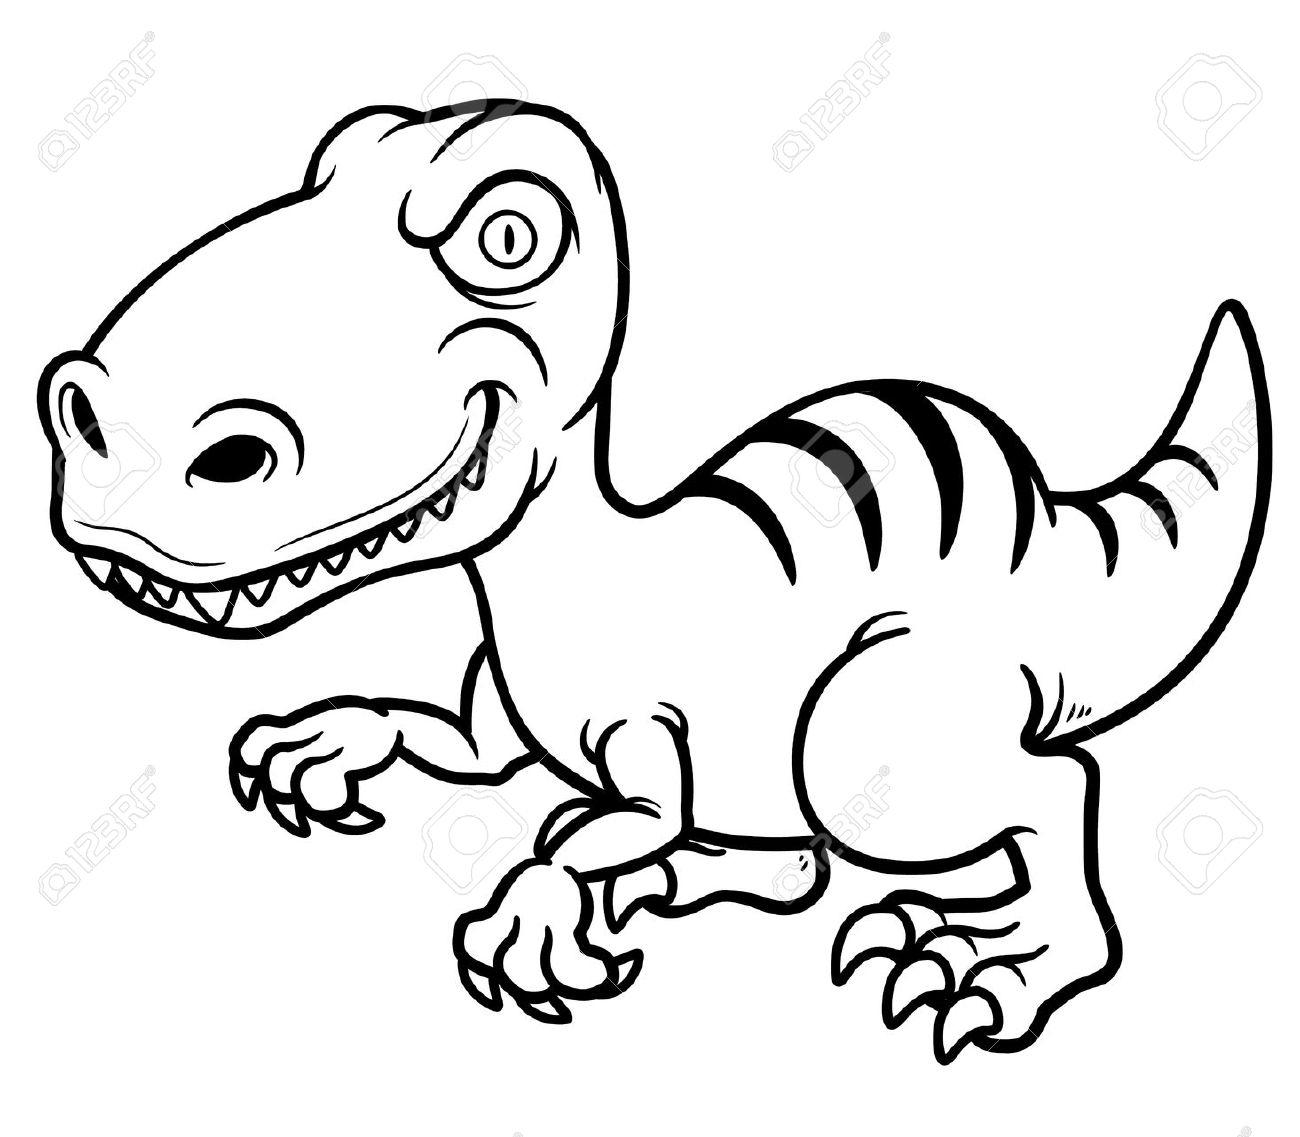 1300x1137 Cartoon Dinosaur Drawing Easy Drawings